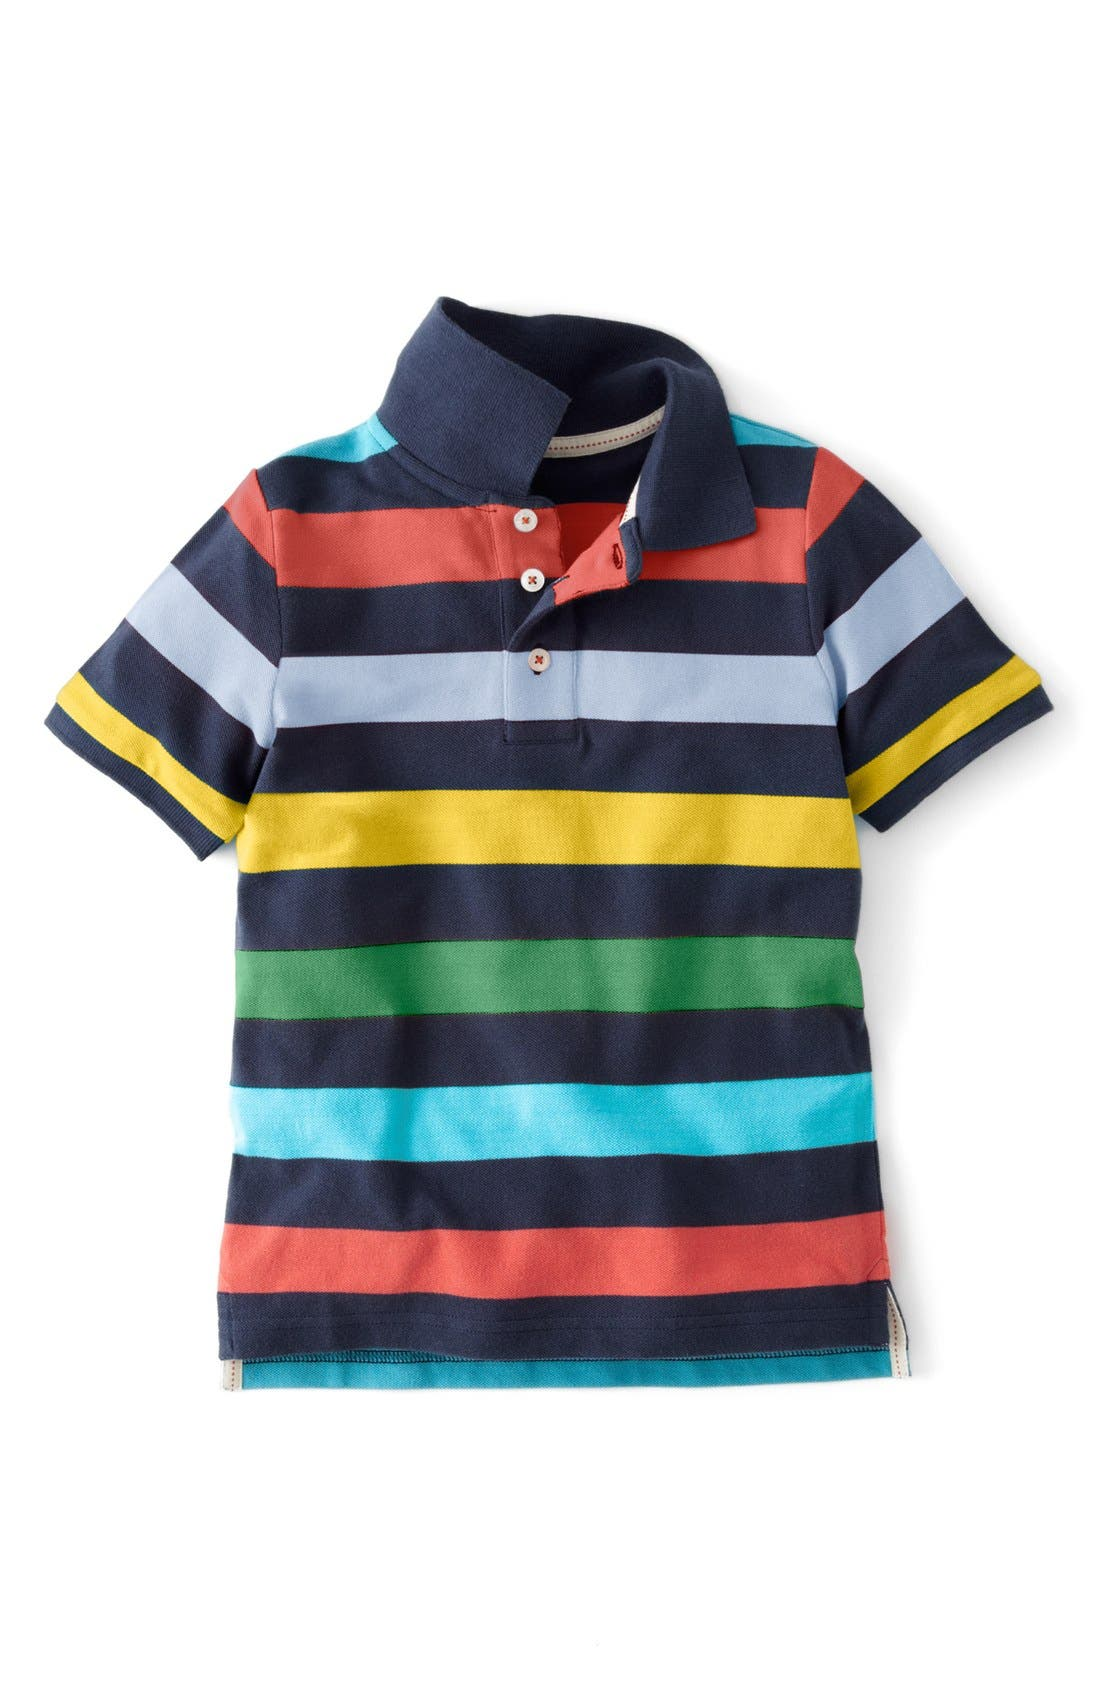 Main Image - Mini Boden Pique Polo (Toddler Boys, Little Boys & Big Boys)